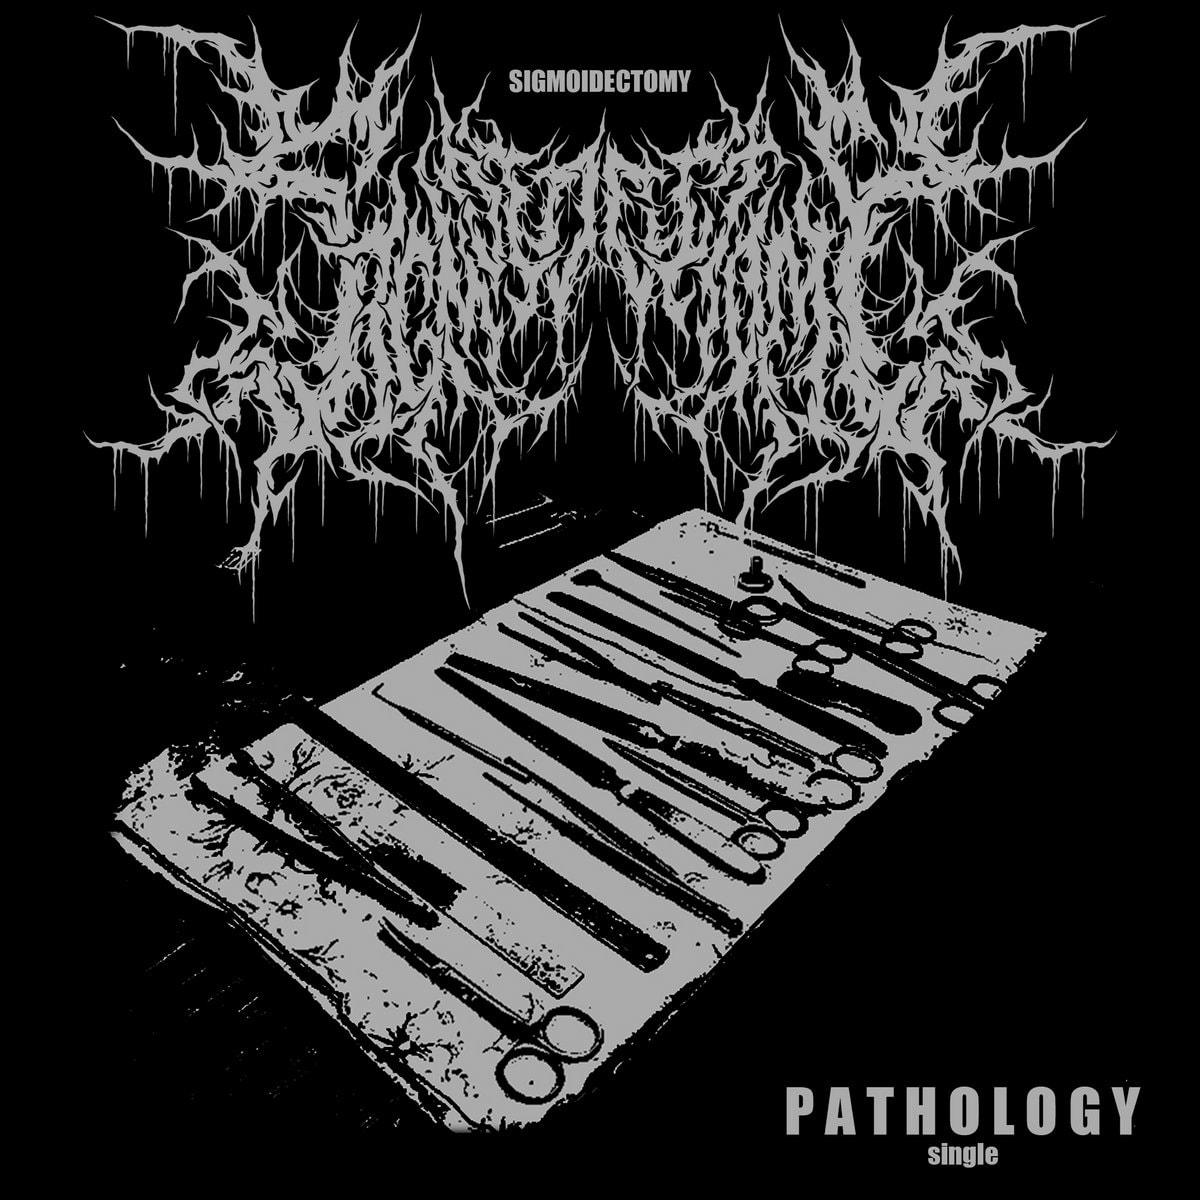 Sigmoidectomy - Pathology